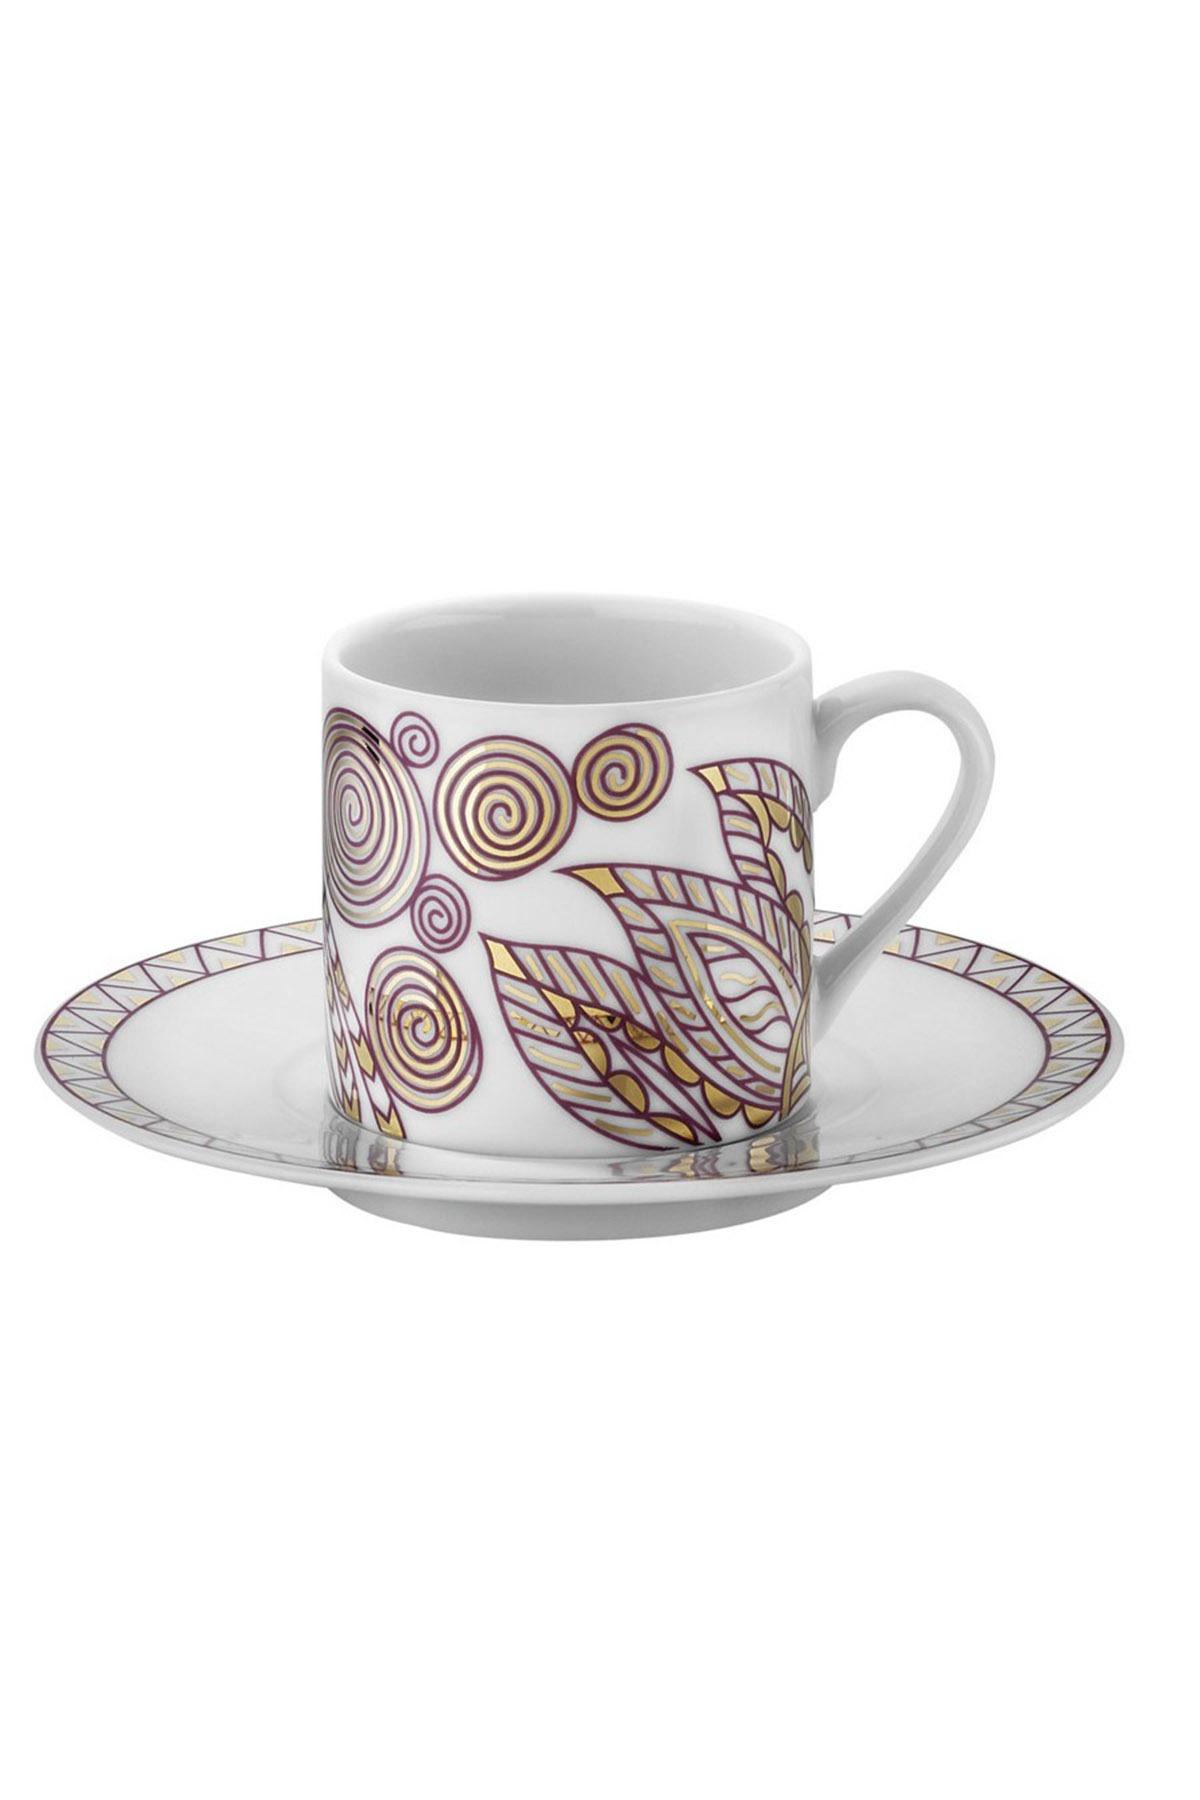 Kütahya Porselen Rüya 9233 Desen Kahve Fincan Takımı